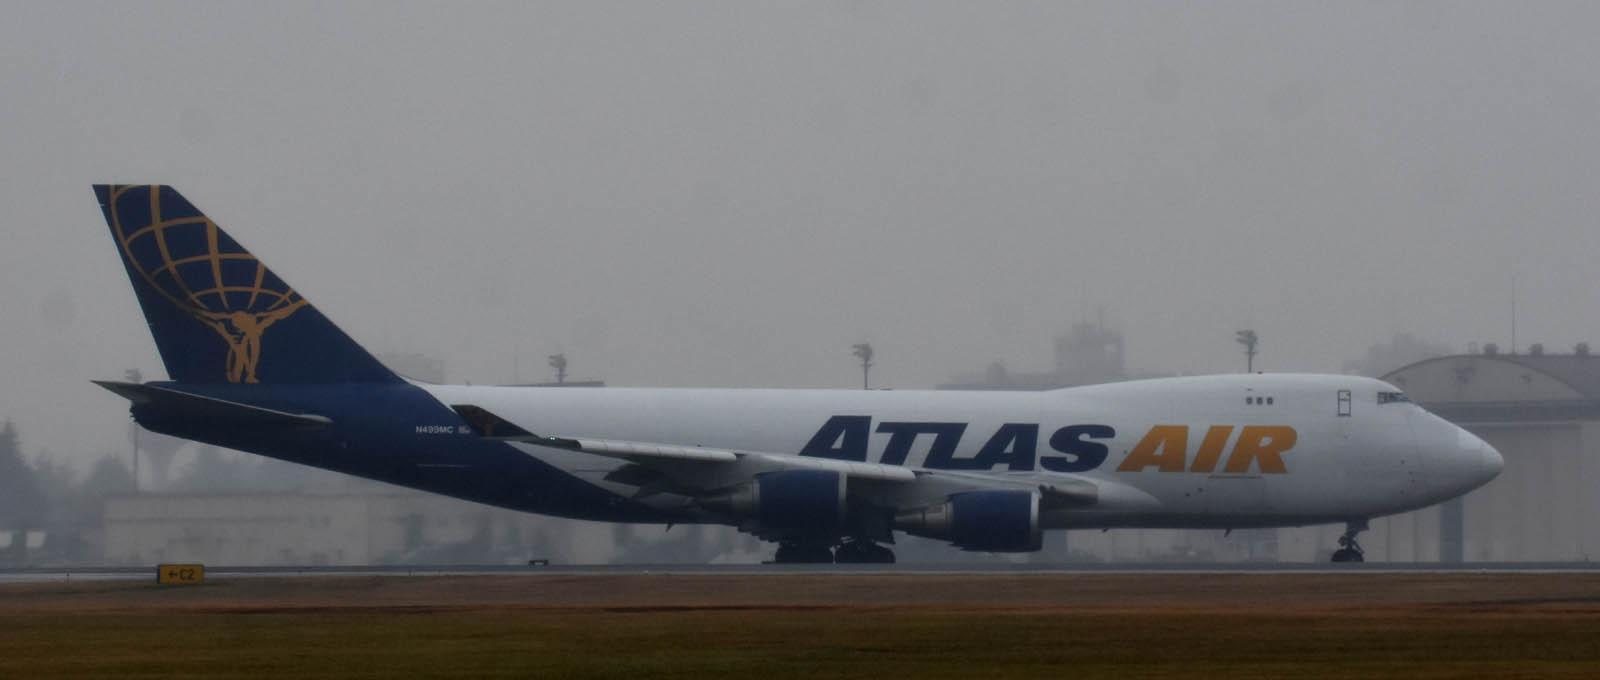 Atlas181206g235